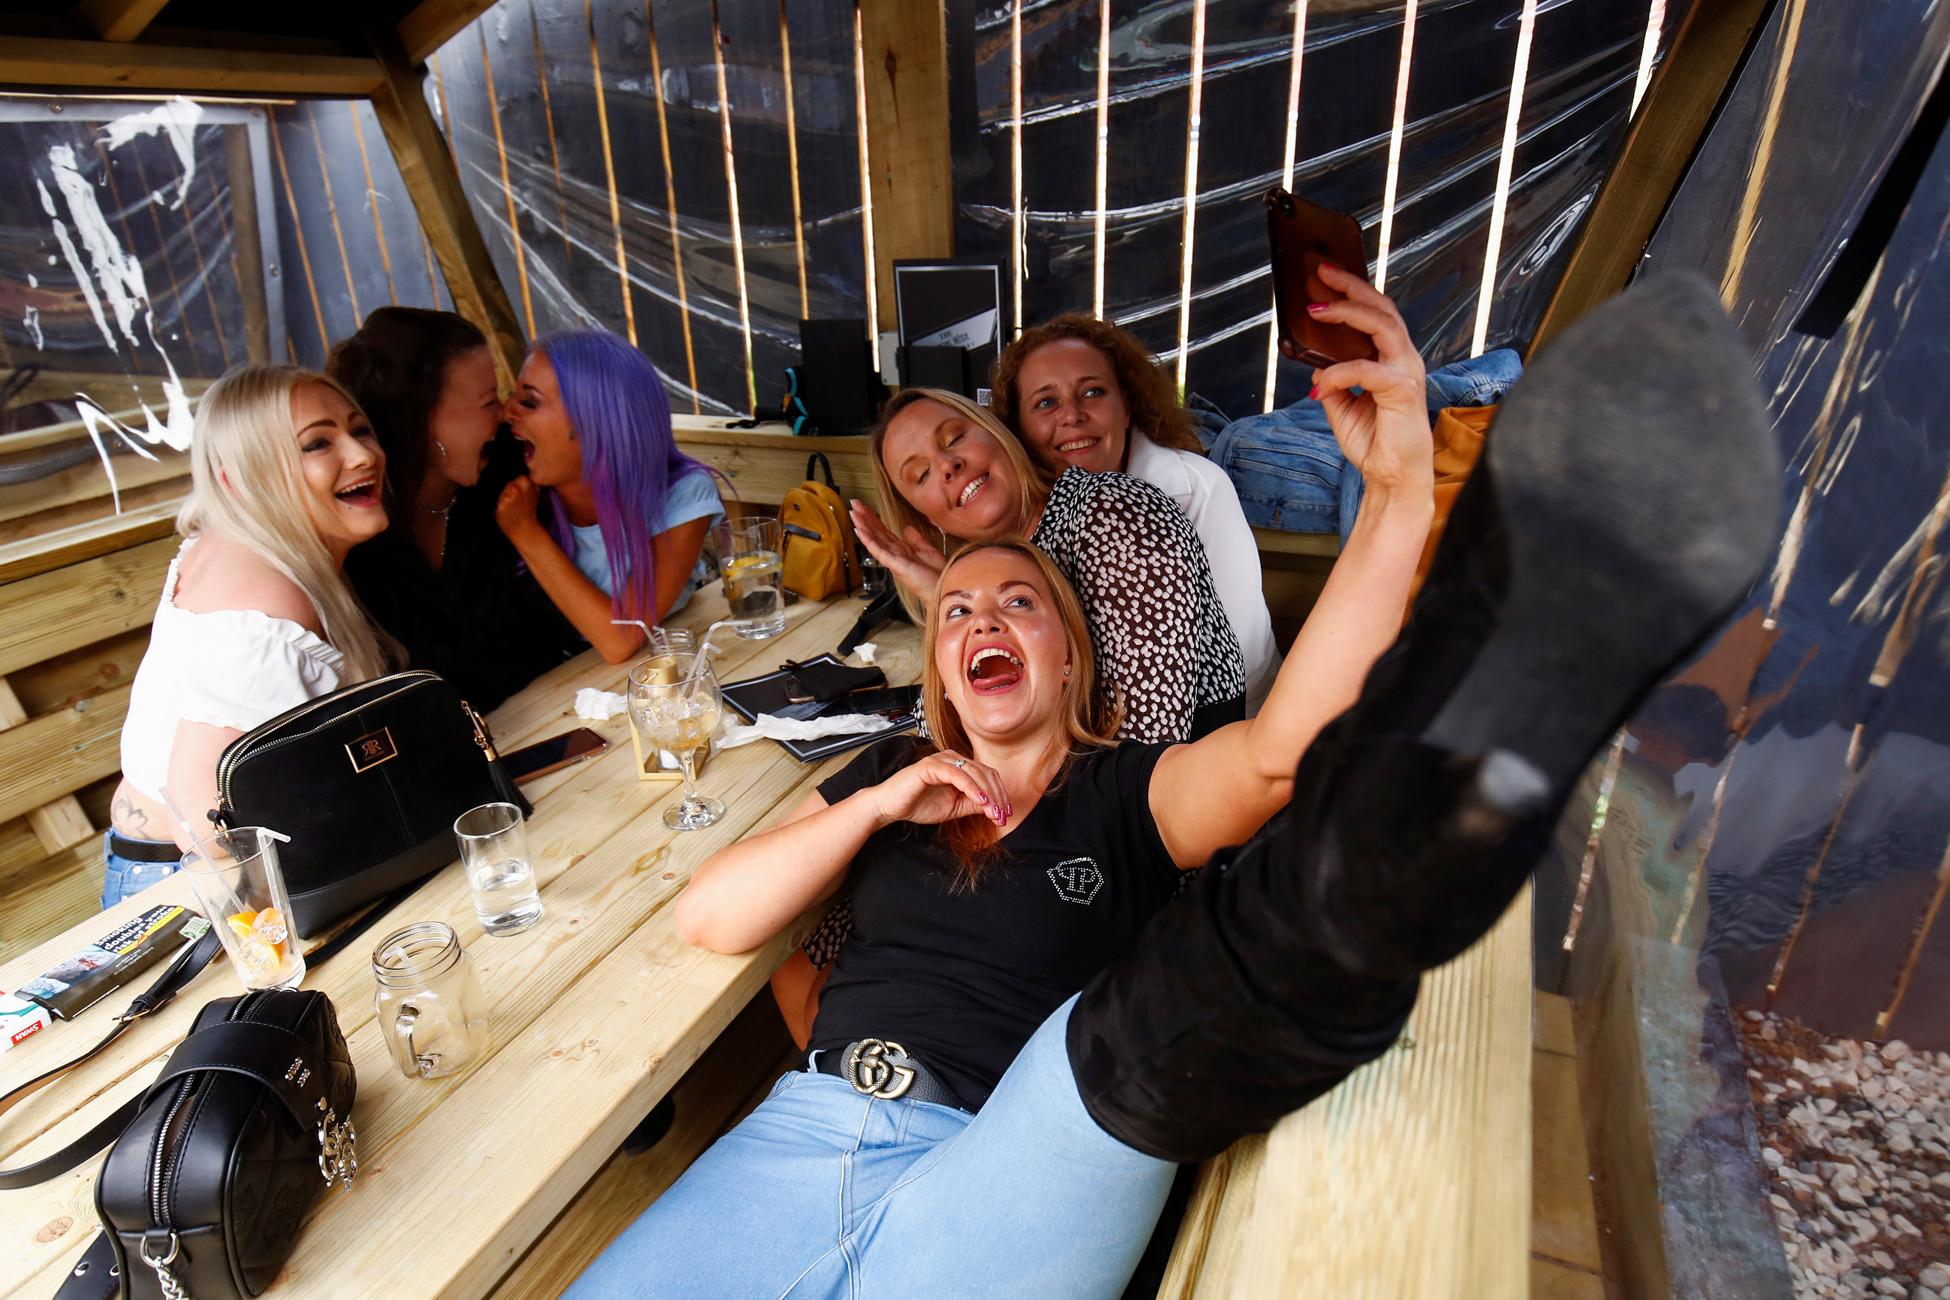 Βρετανία: Πόσα ξοδεύουν σε παμπ και εστιατόρια μετά το τέλος του lockdown